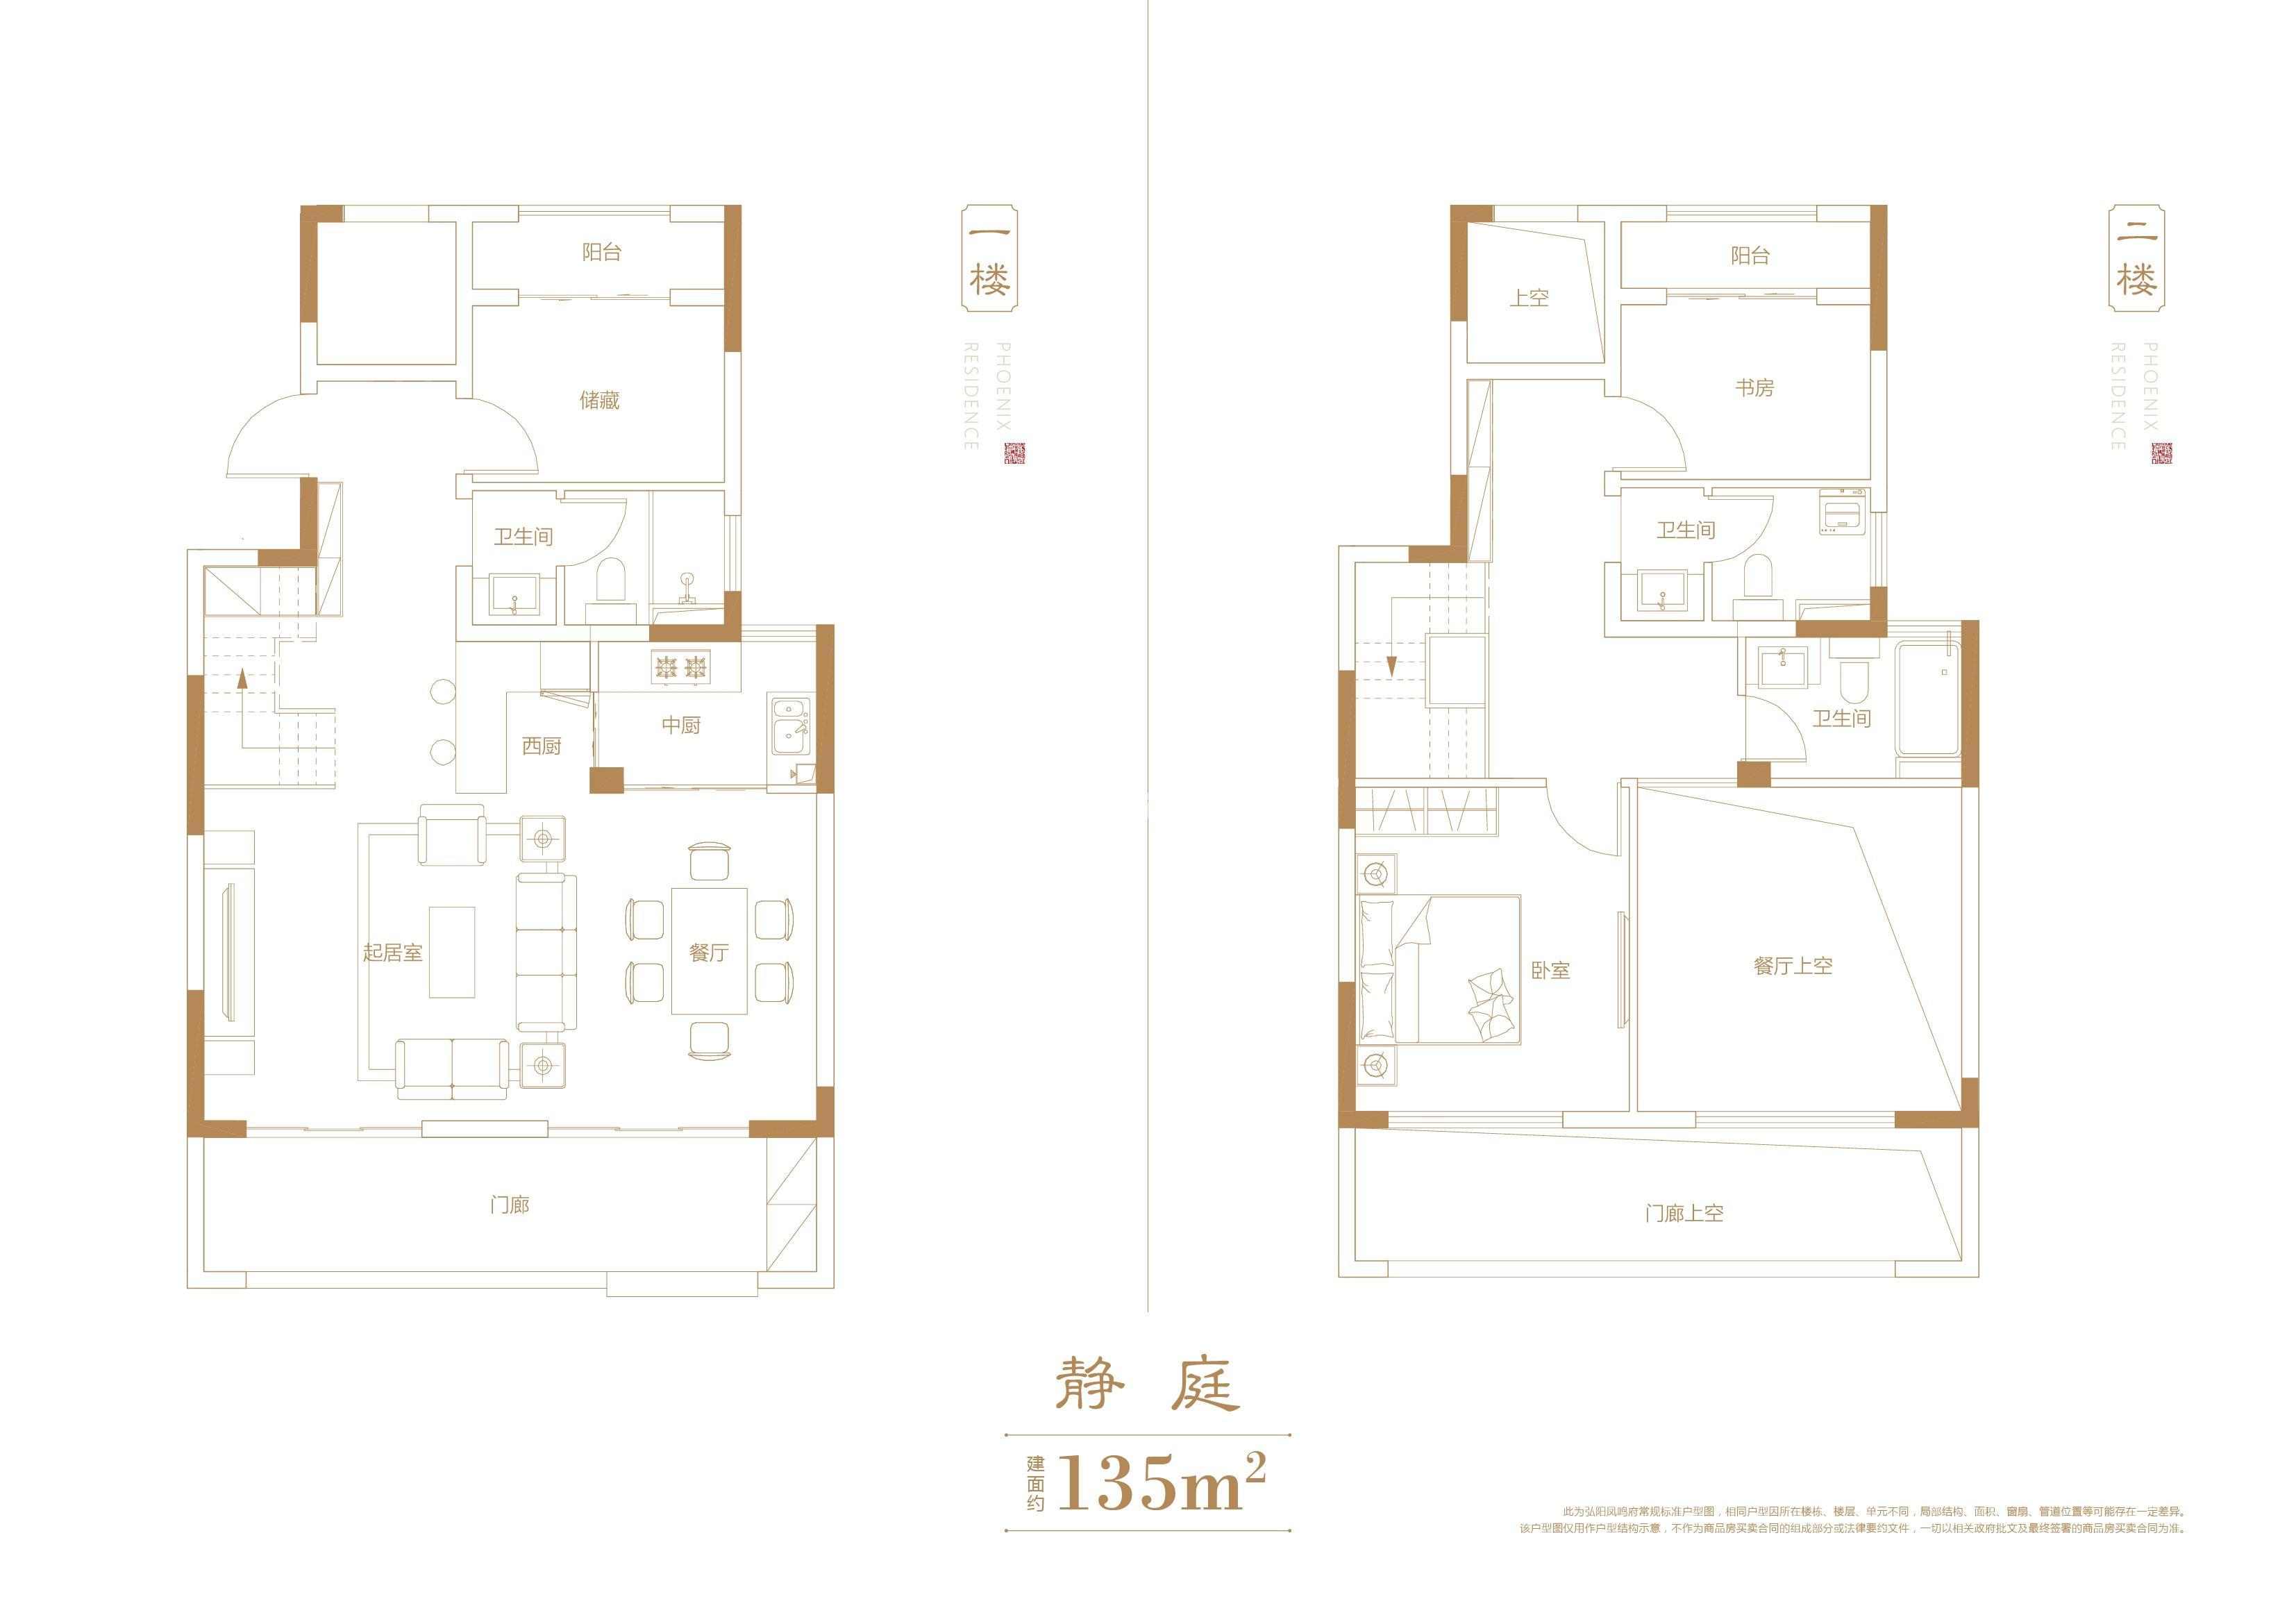 弘阳凤鸣府叠墅135㎡户型图(8.20)